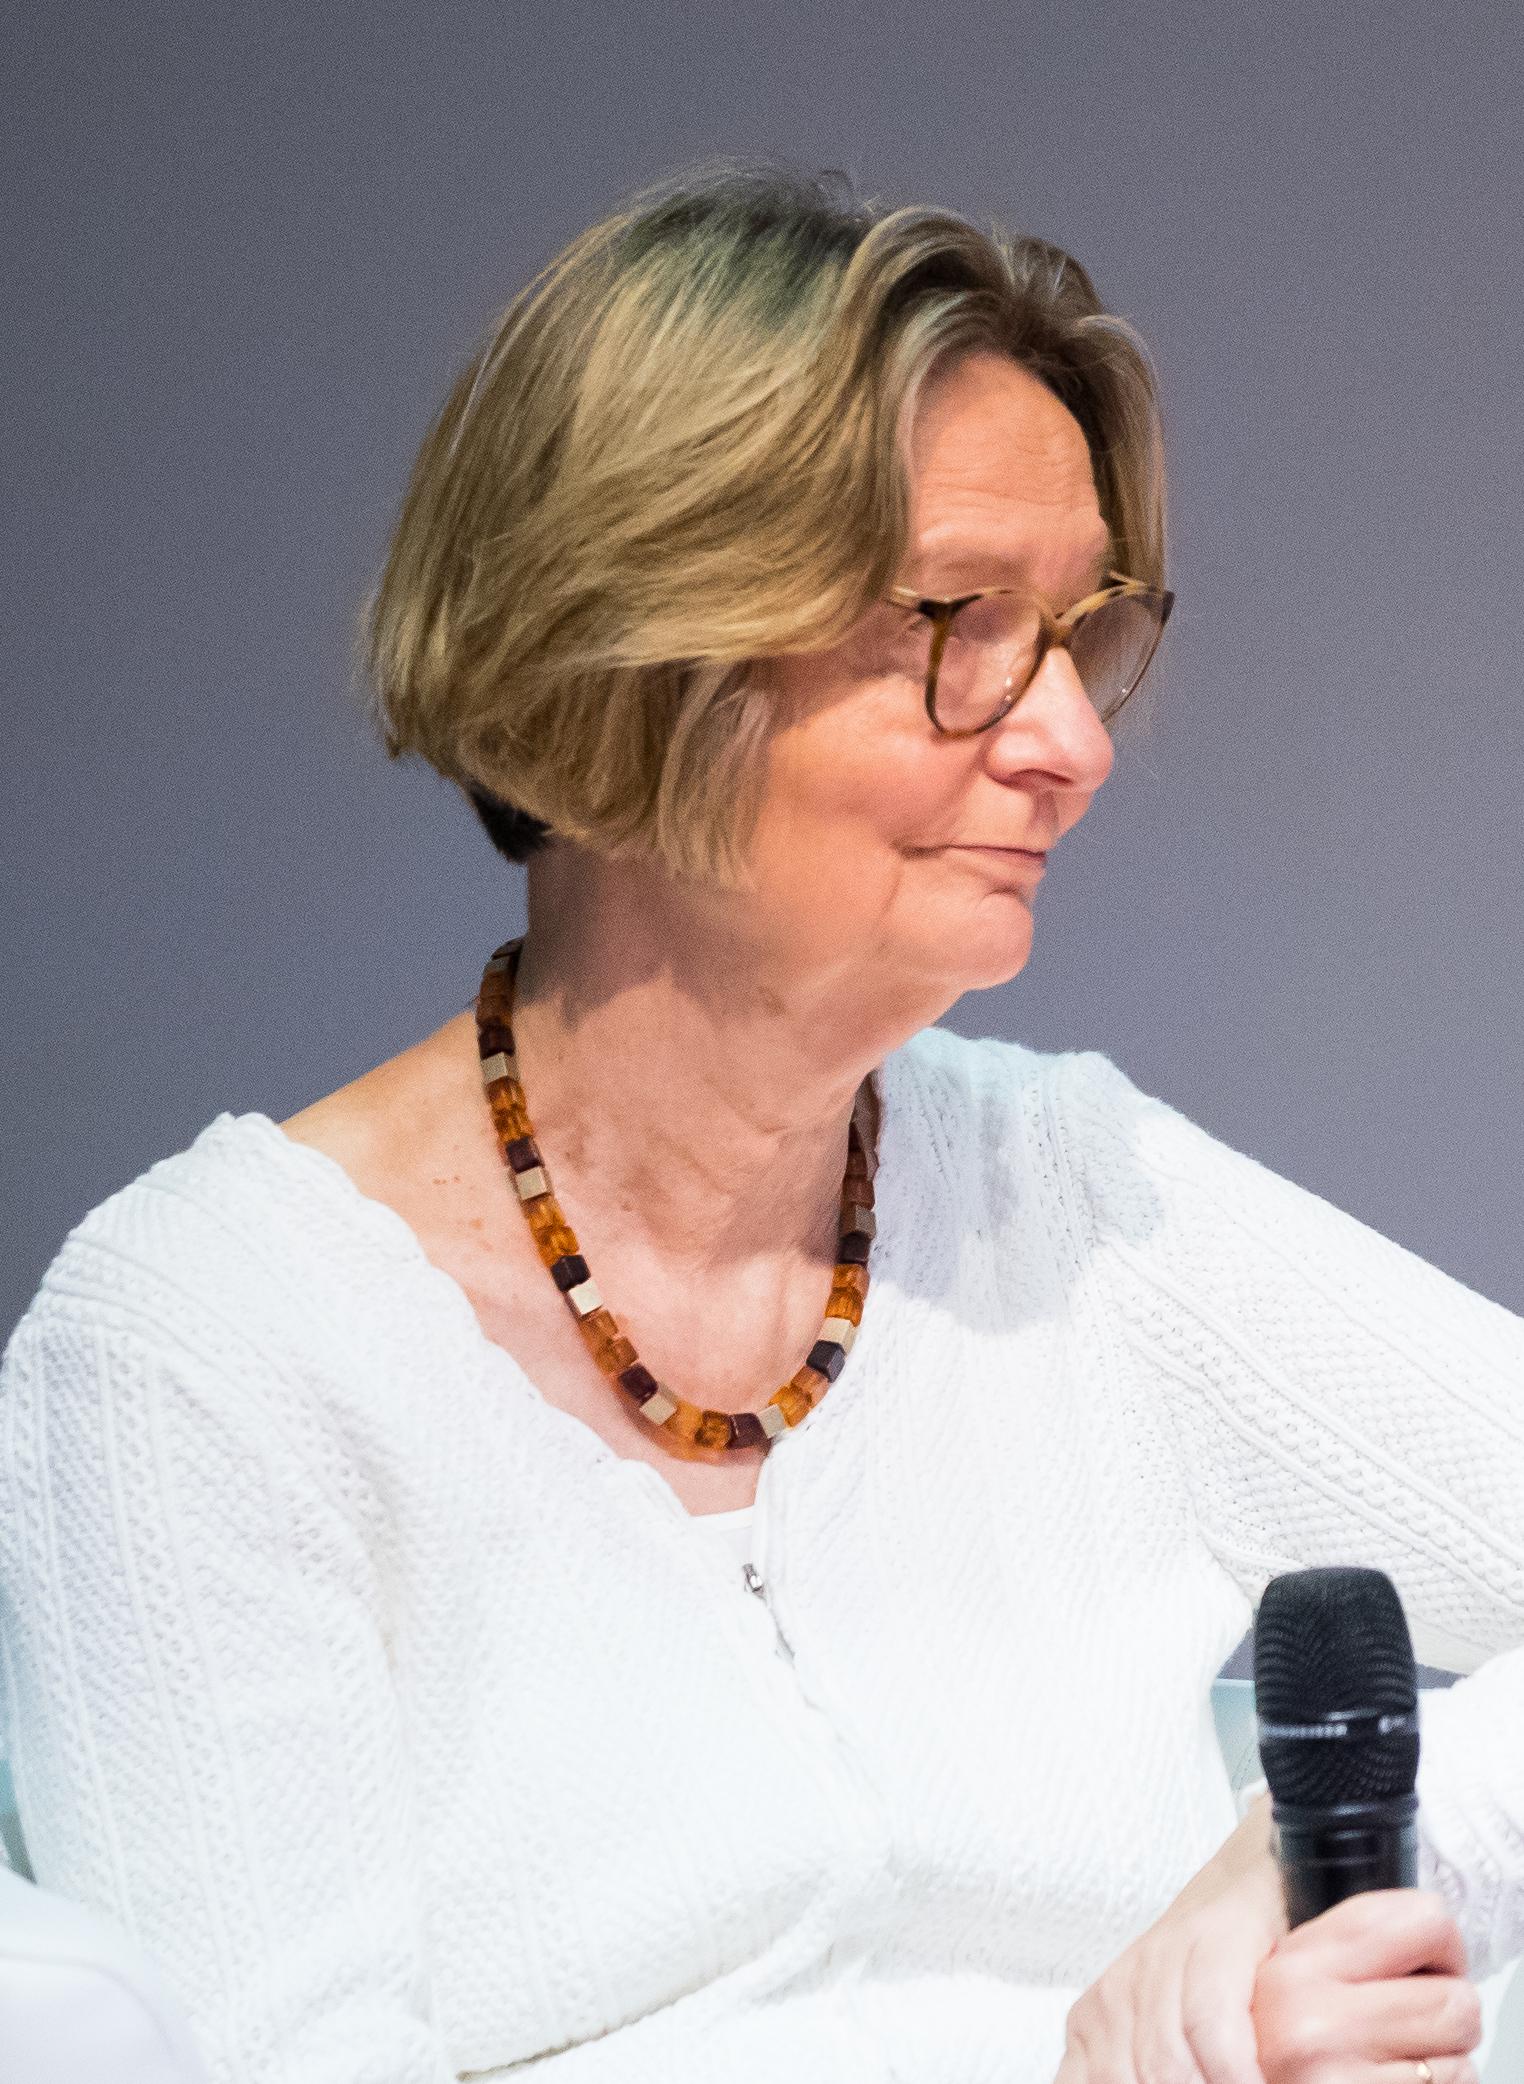 Boie in 2018